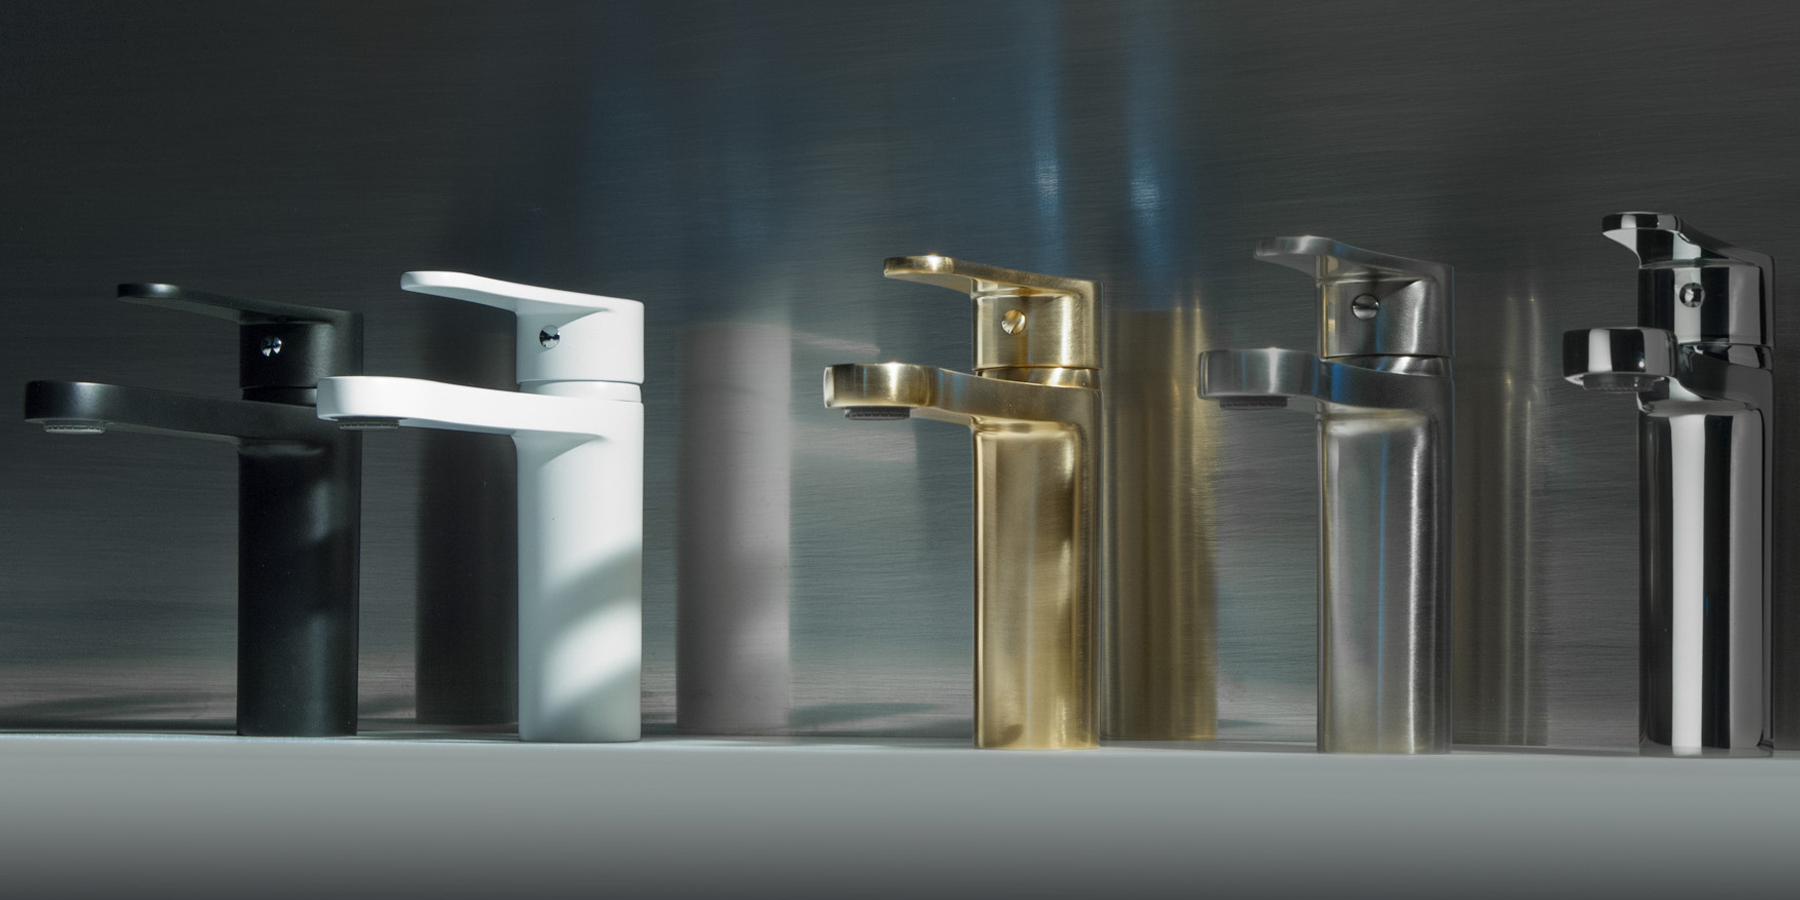 Italiaanse design badkamerkranen van bongio nieuws startpagina voor badkame italiaanse - Badkamer meubilair merk italiaans ...